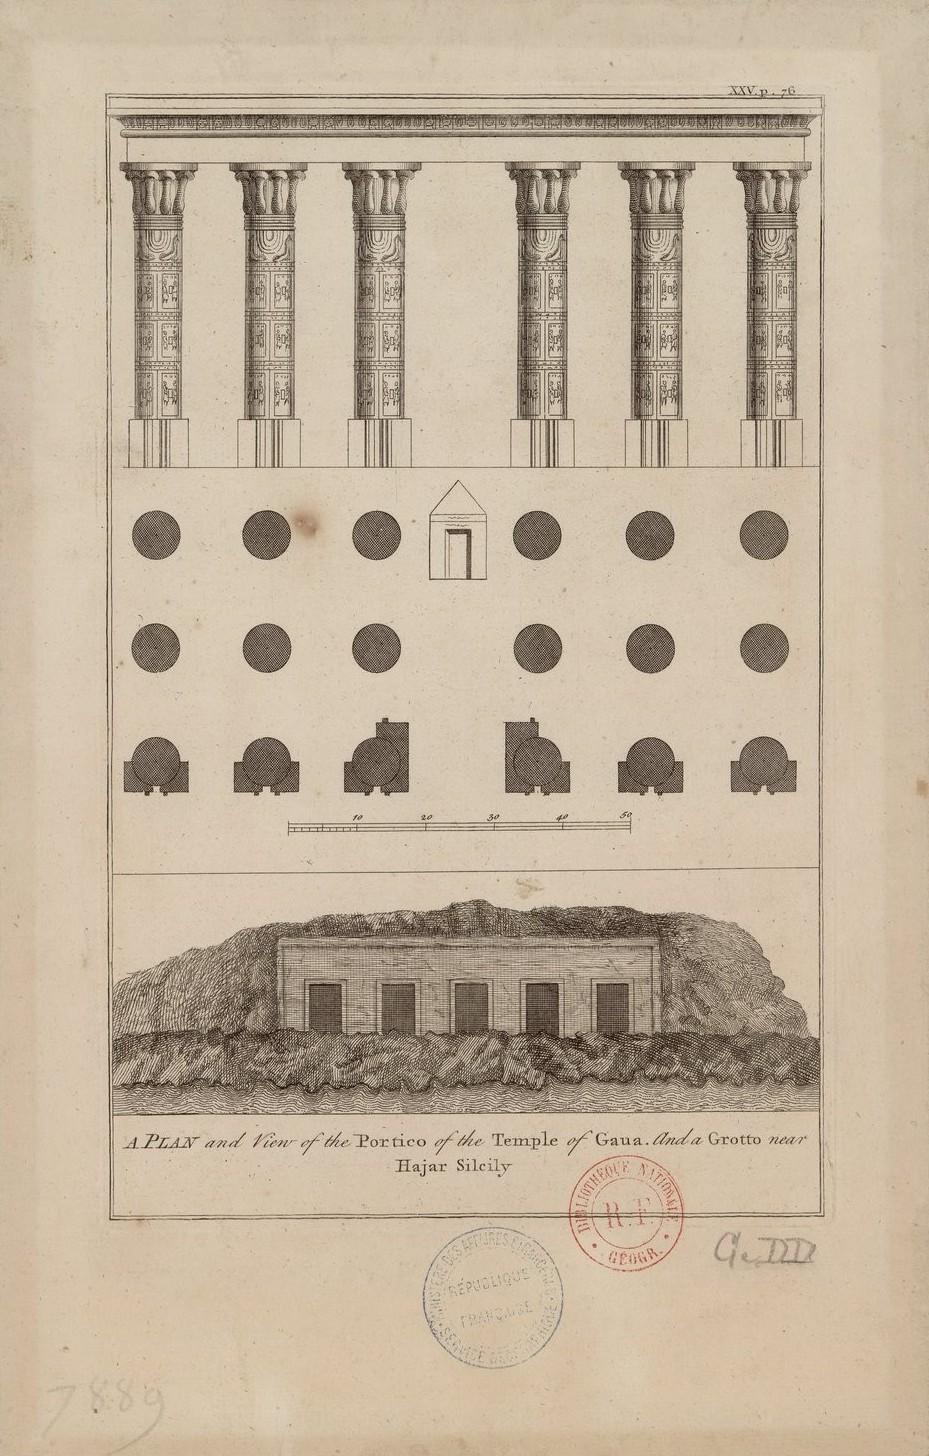 План и вид портика храма Гауа и грота возле Джебель-Баркал